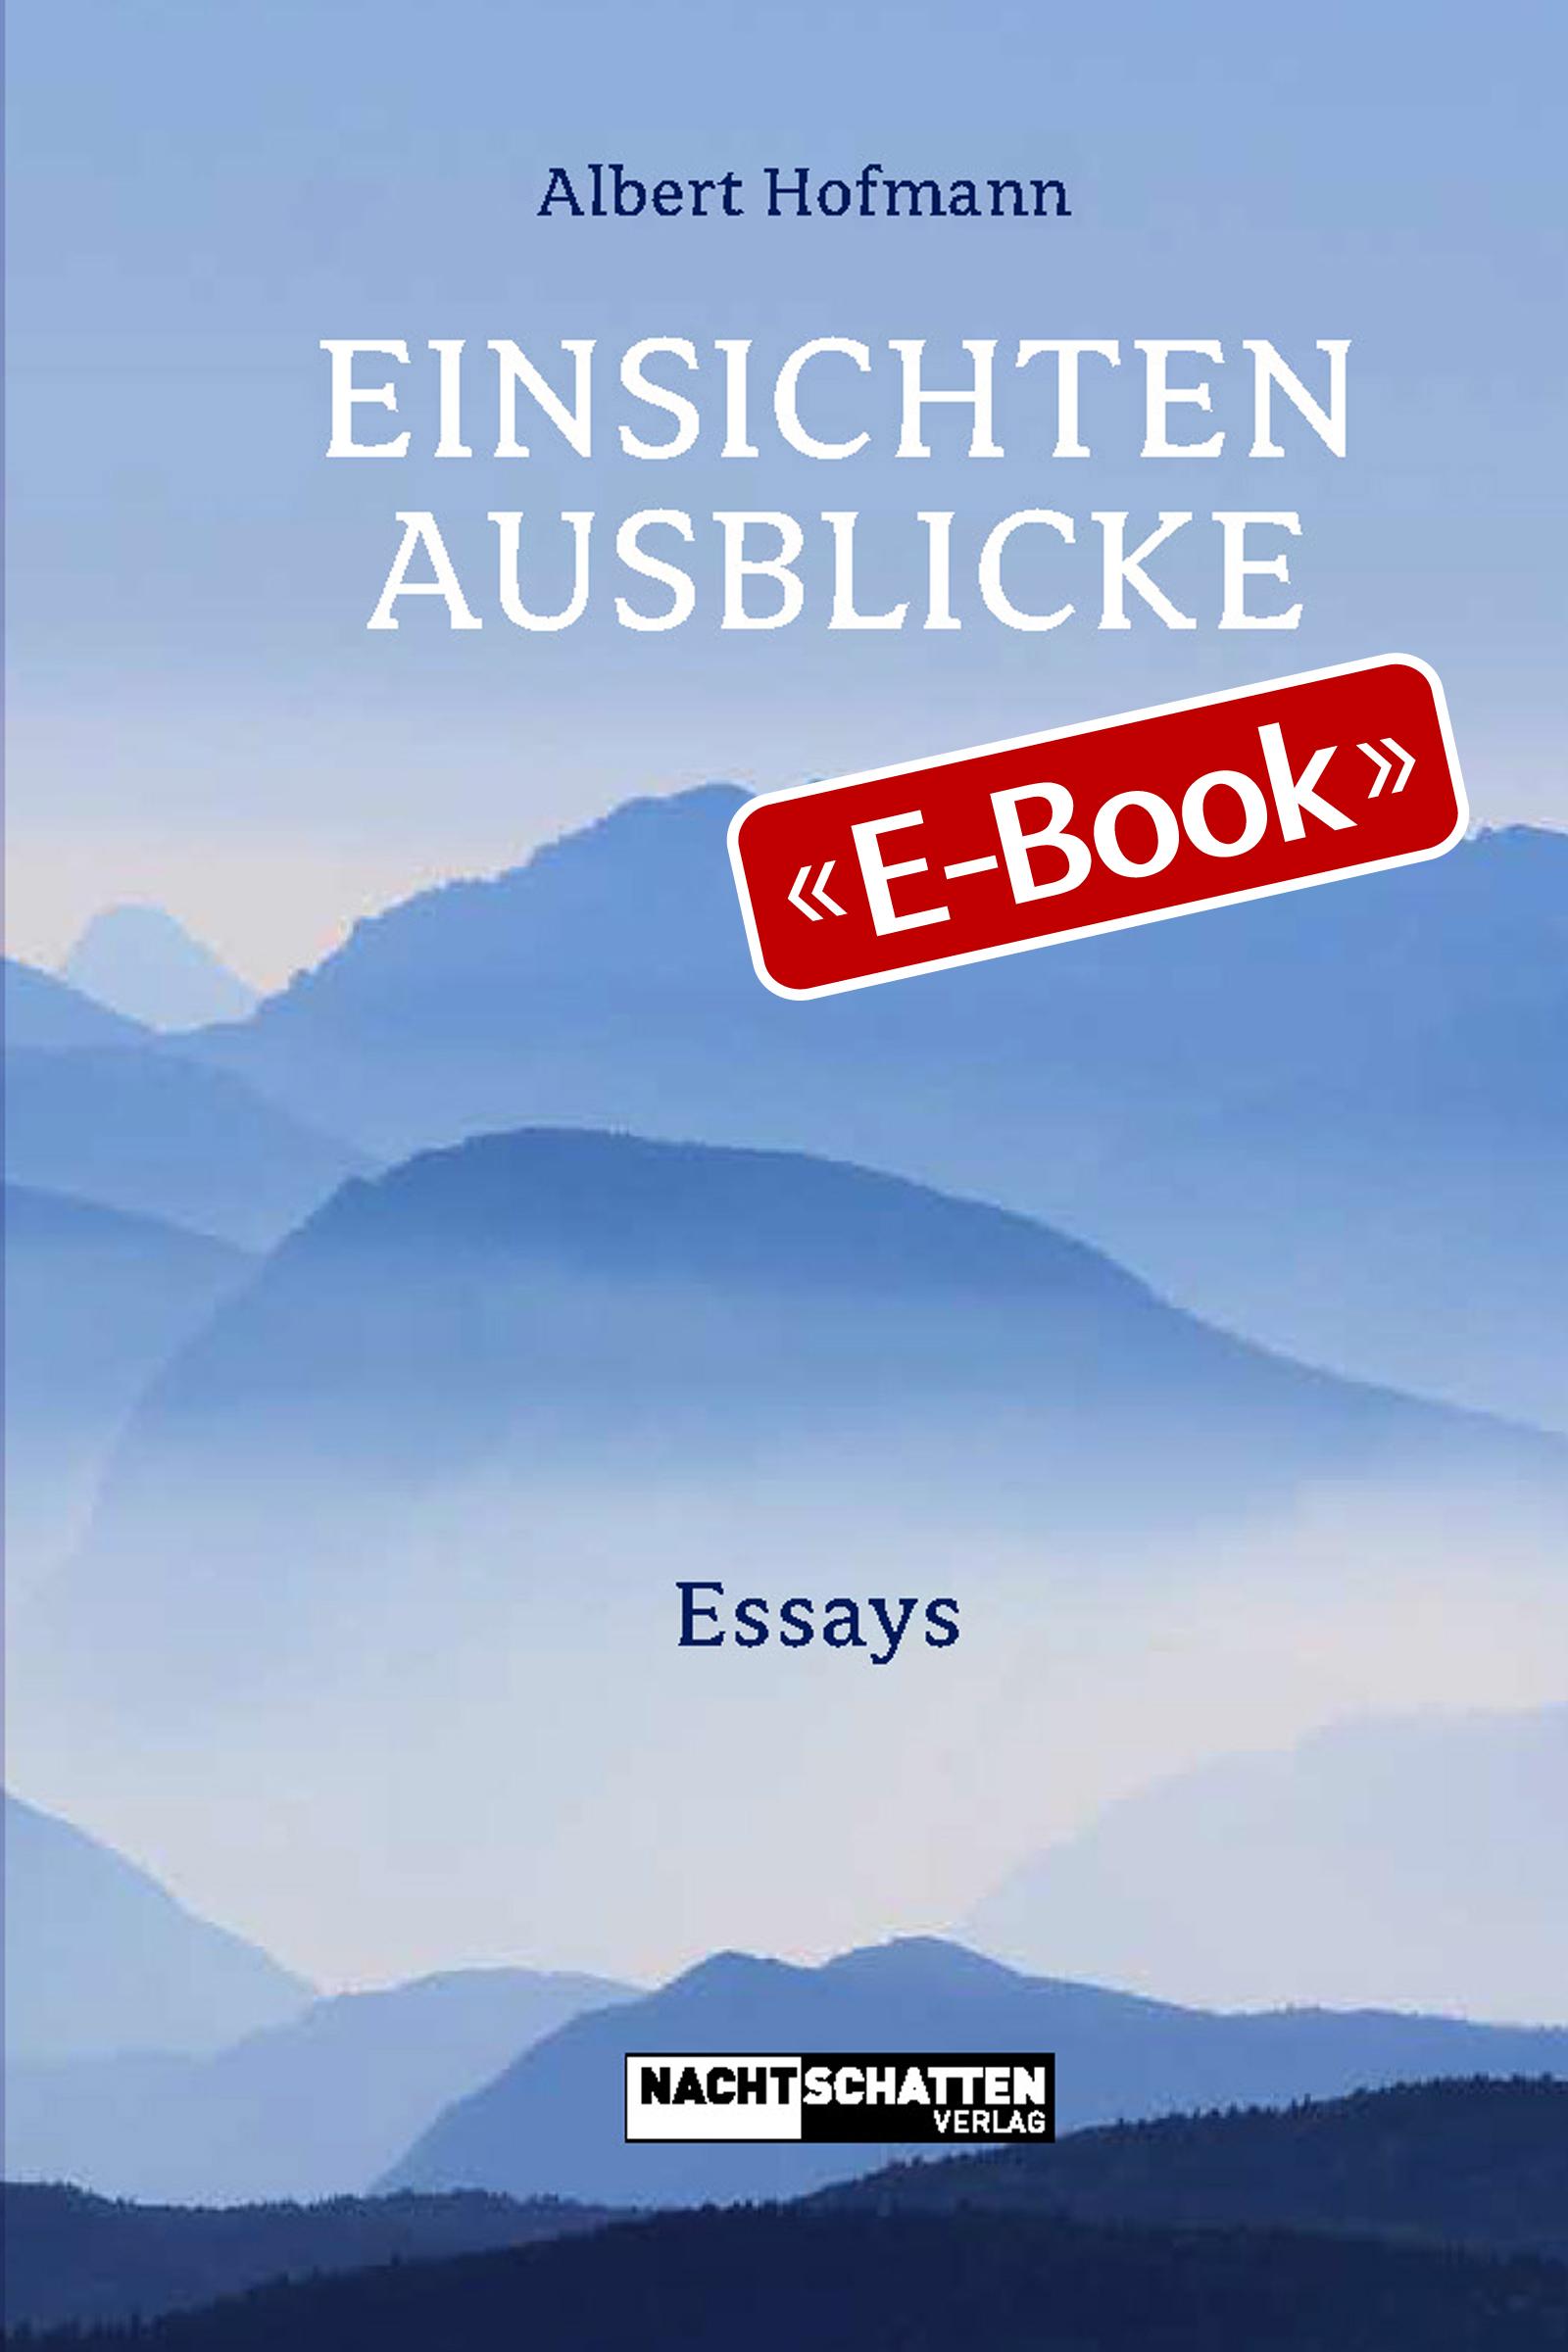 Einsichten - Ausblicke (E-Book)